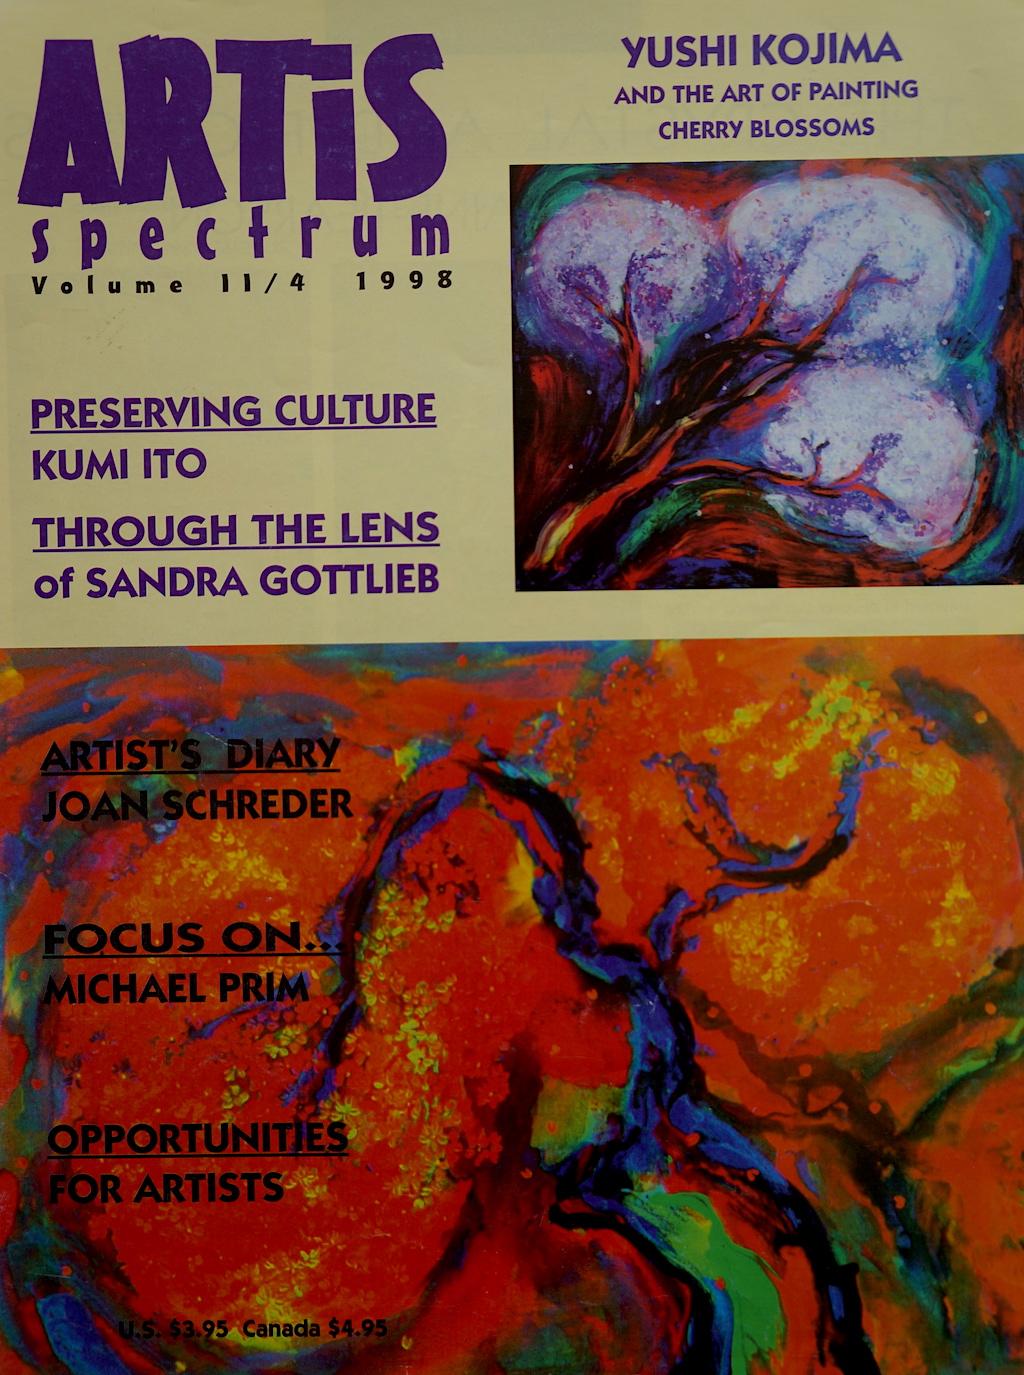 Artis Spectrum 1998